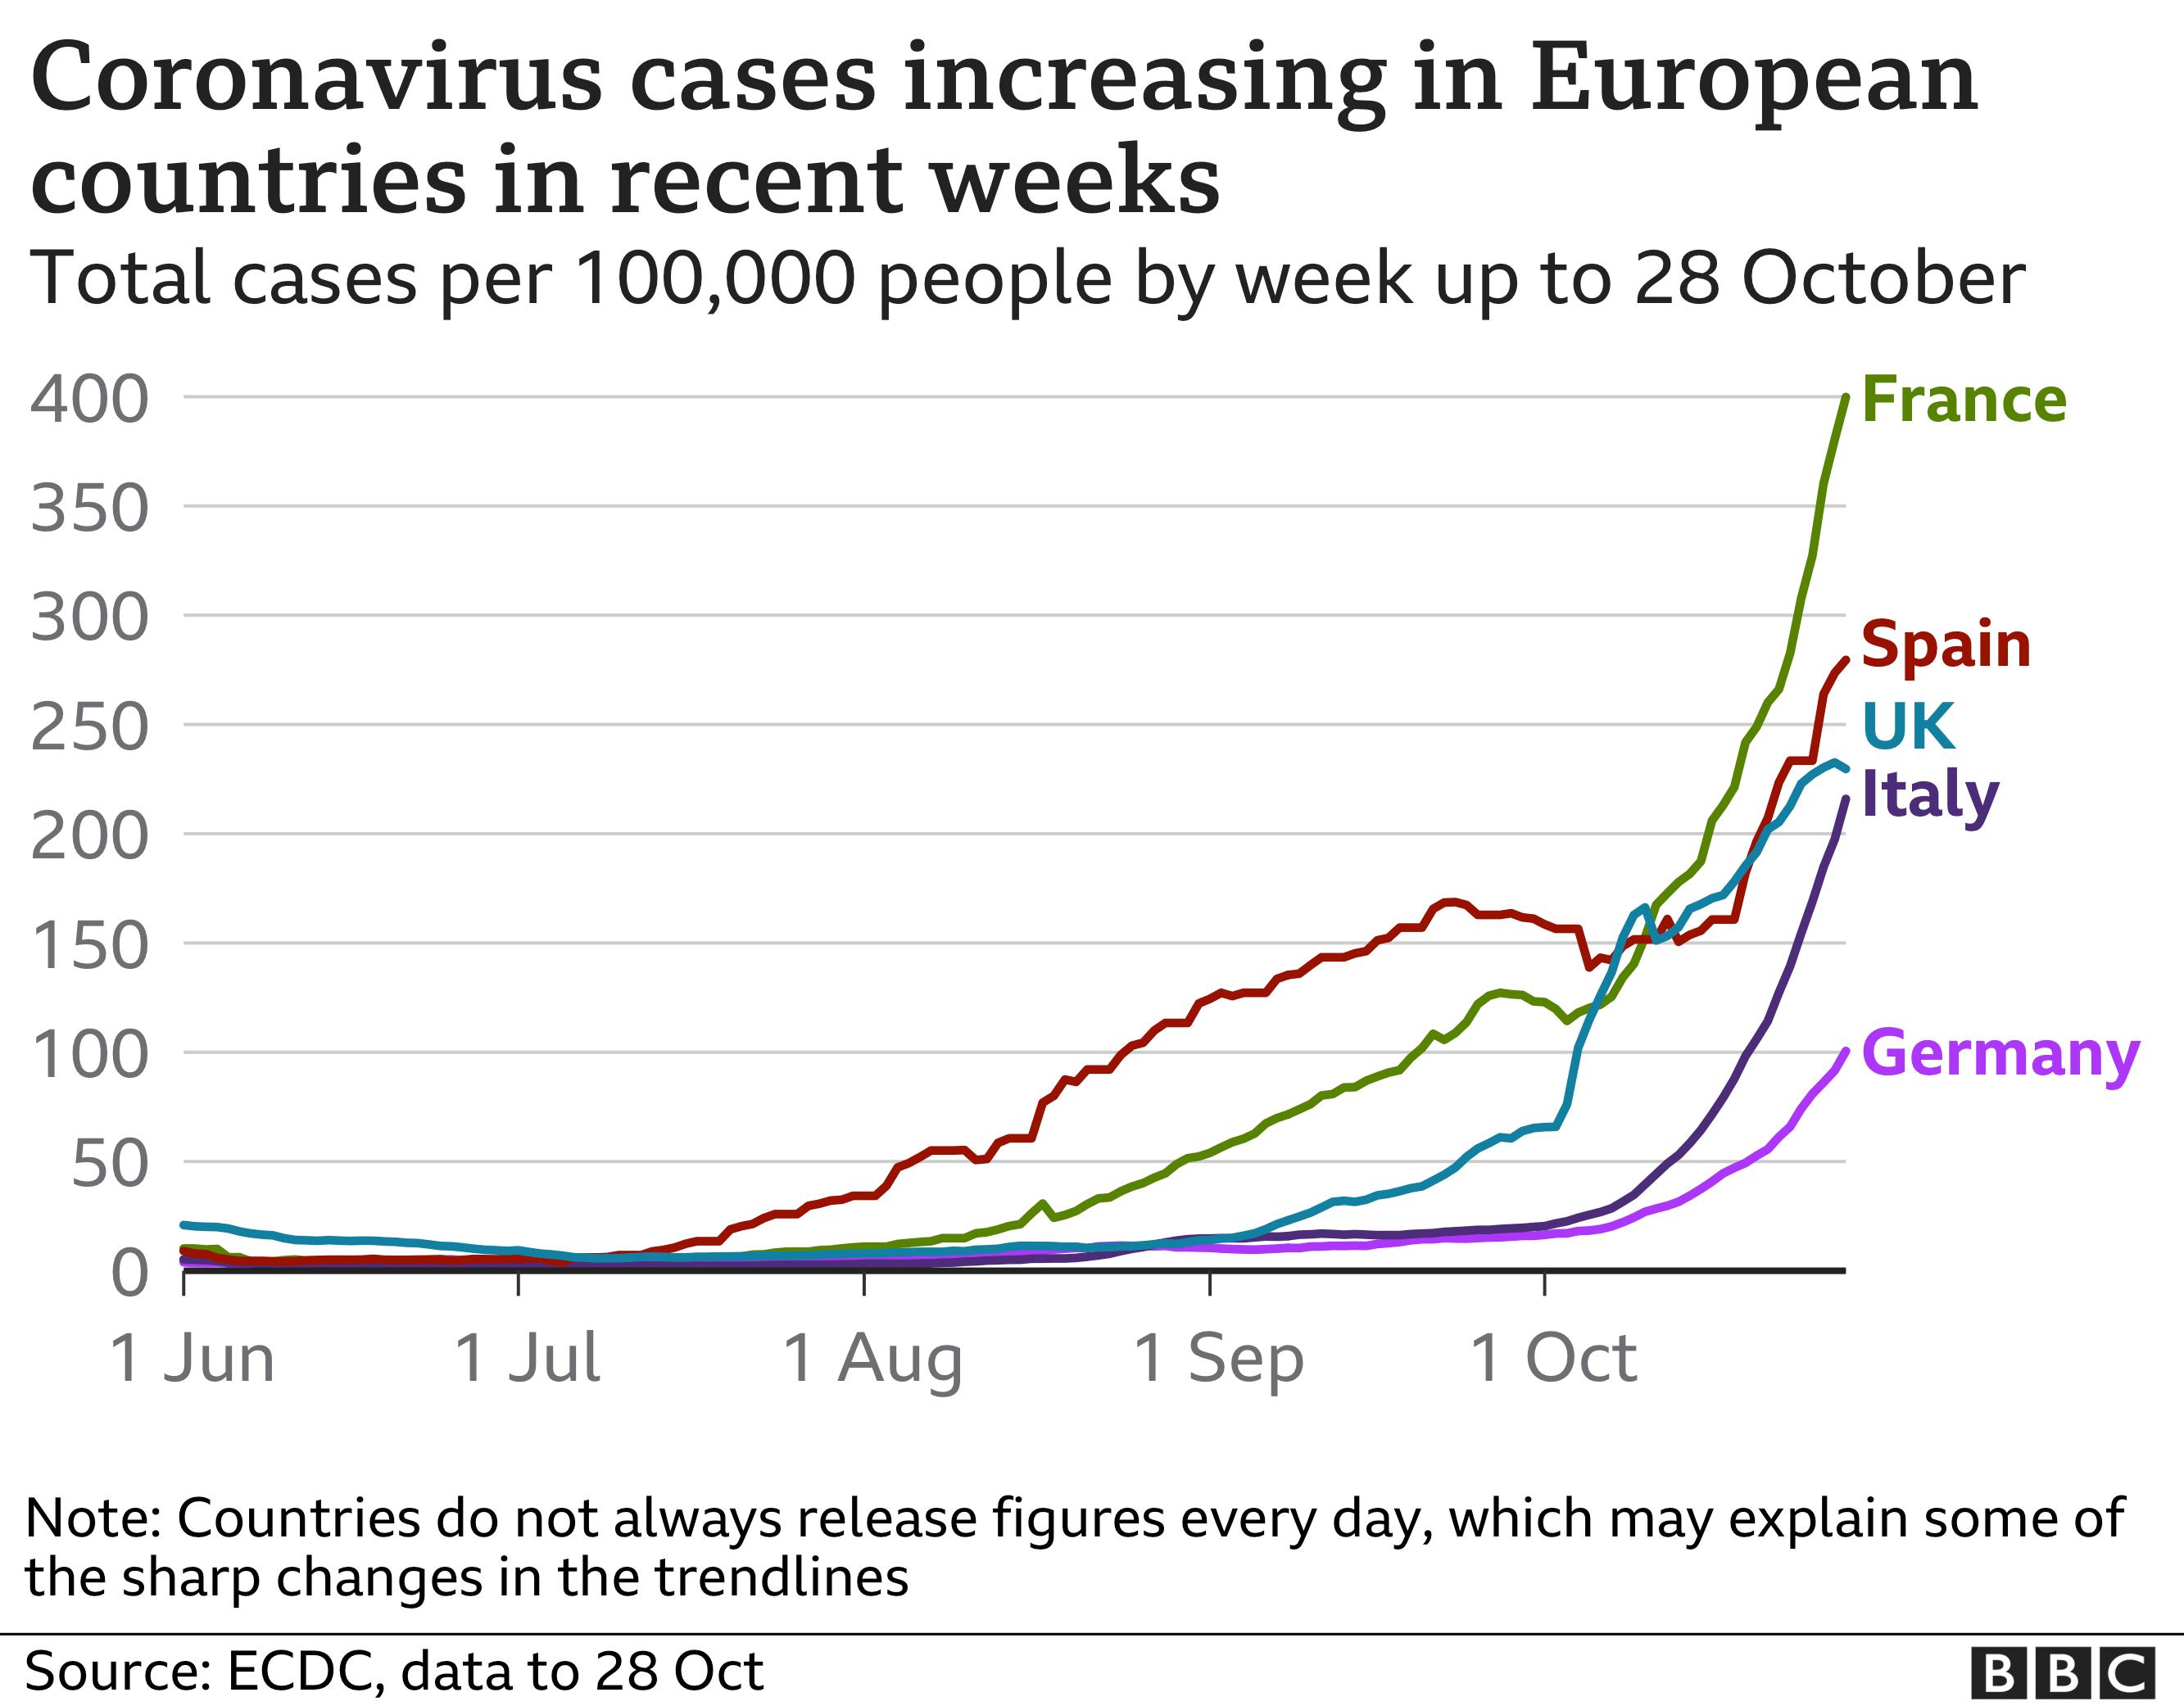 Tableau du 28 octobre montrant les cas de coronavirus par destination